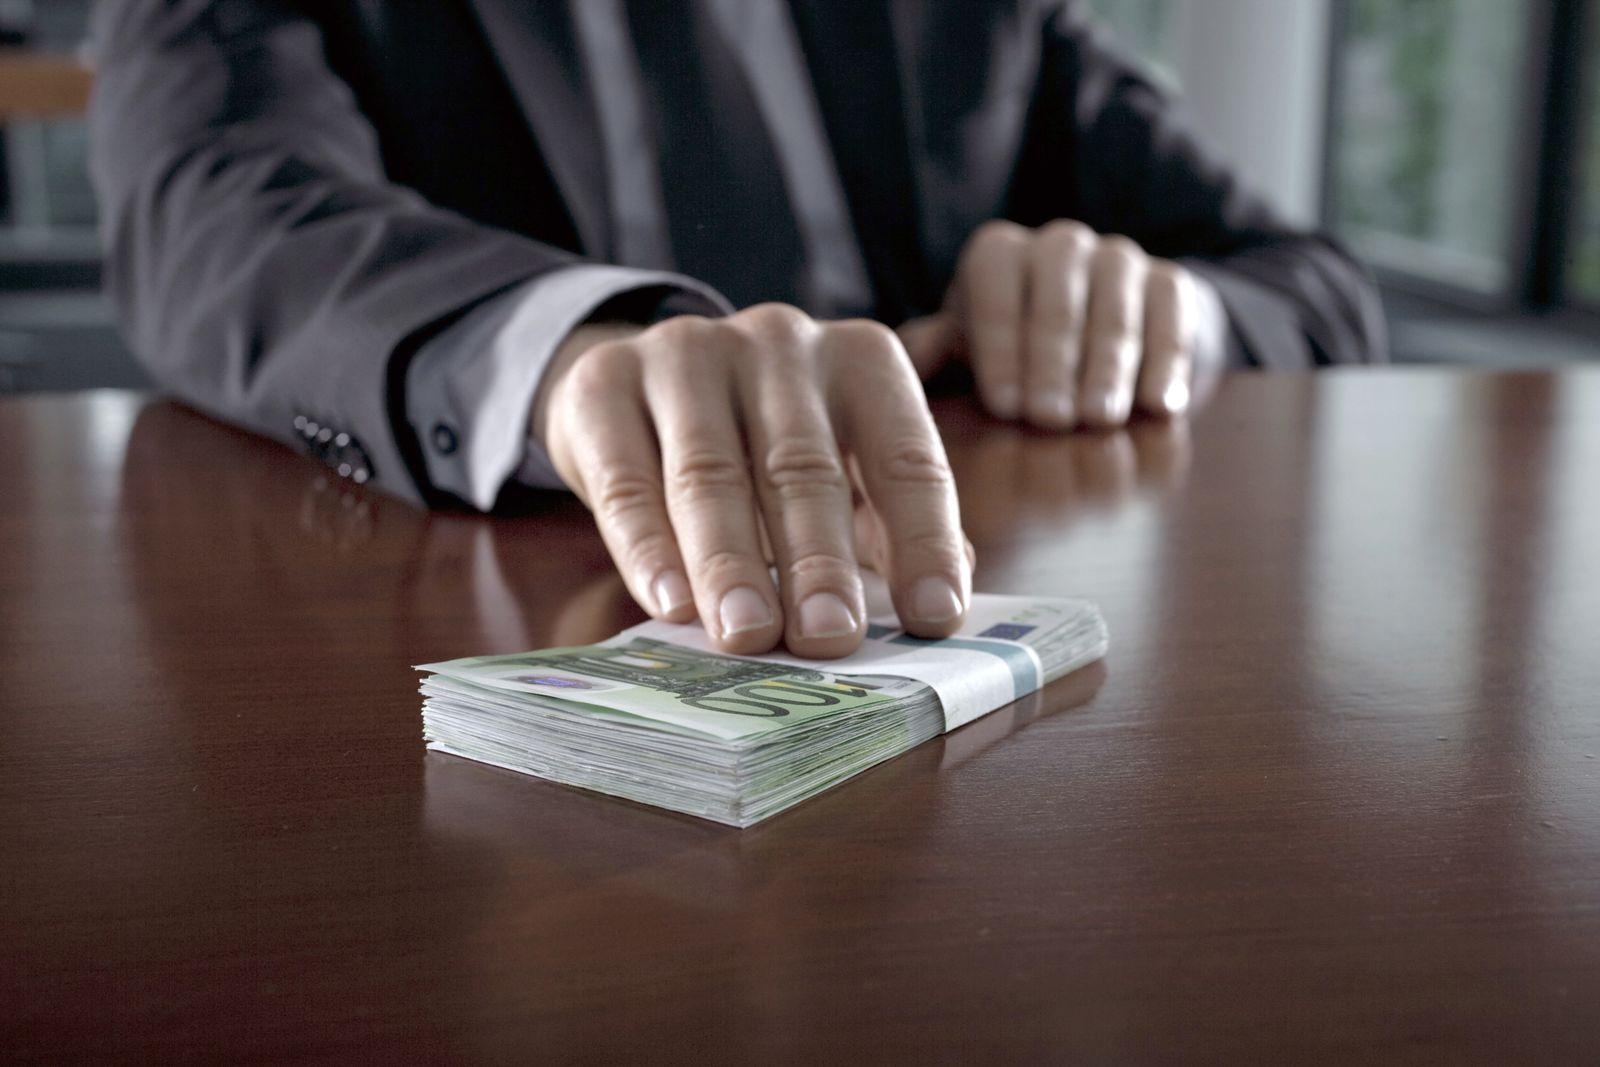 NICHT MEHR VERWENDEN! - Korruption / Geld